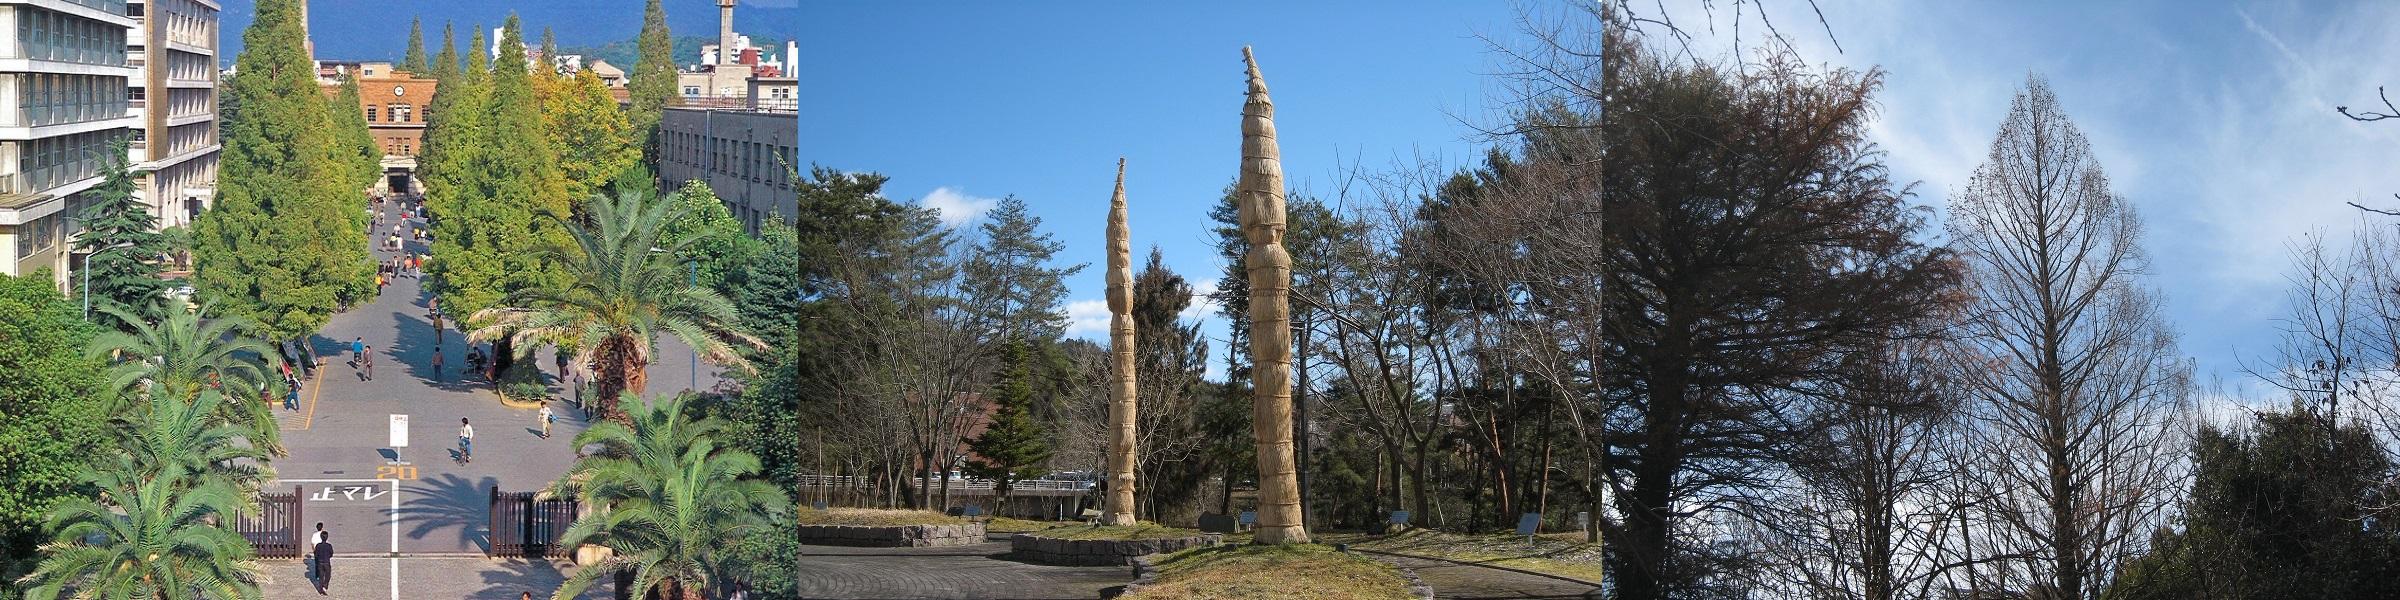 広島大学の象徴となる樹木